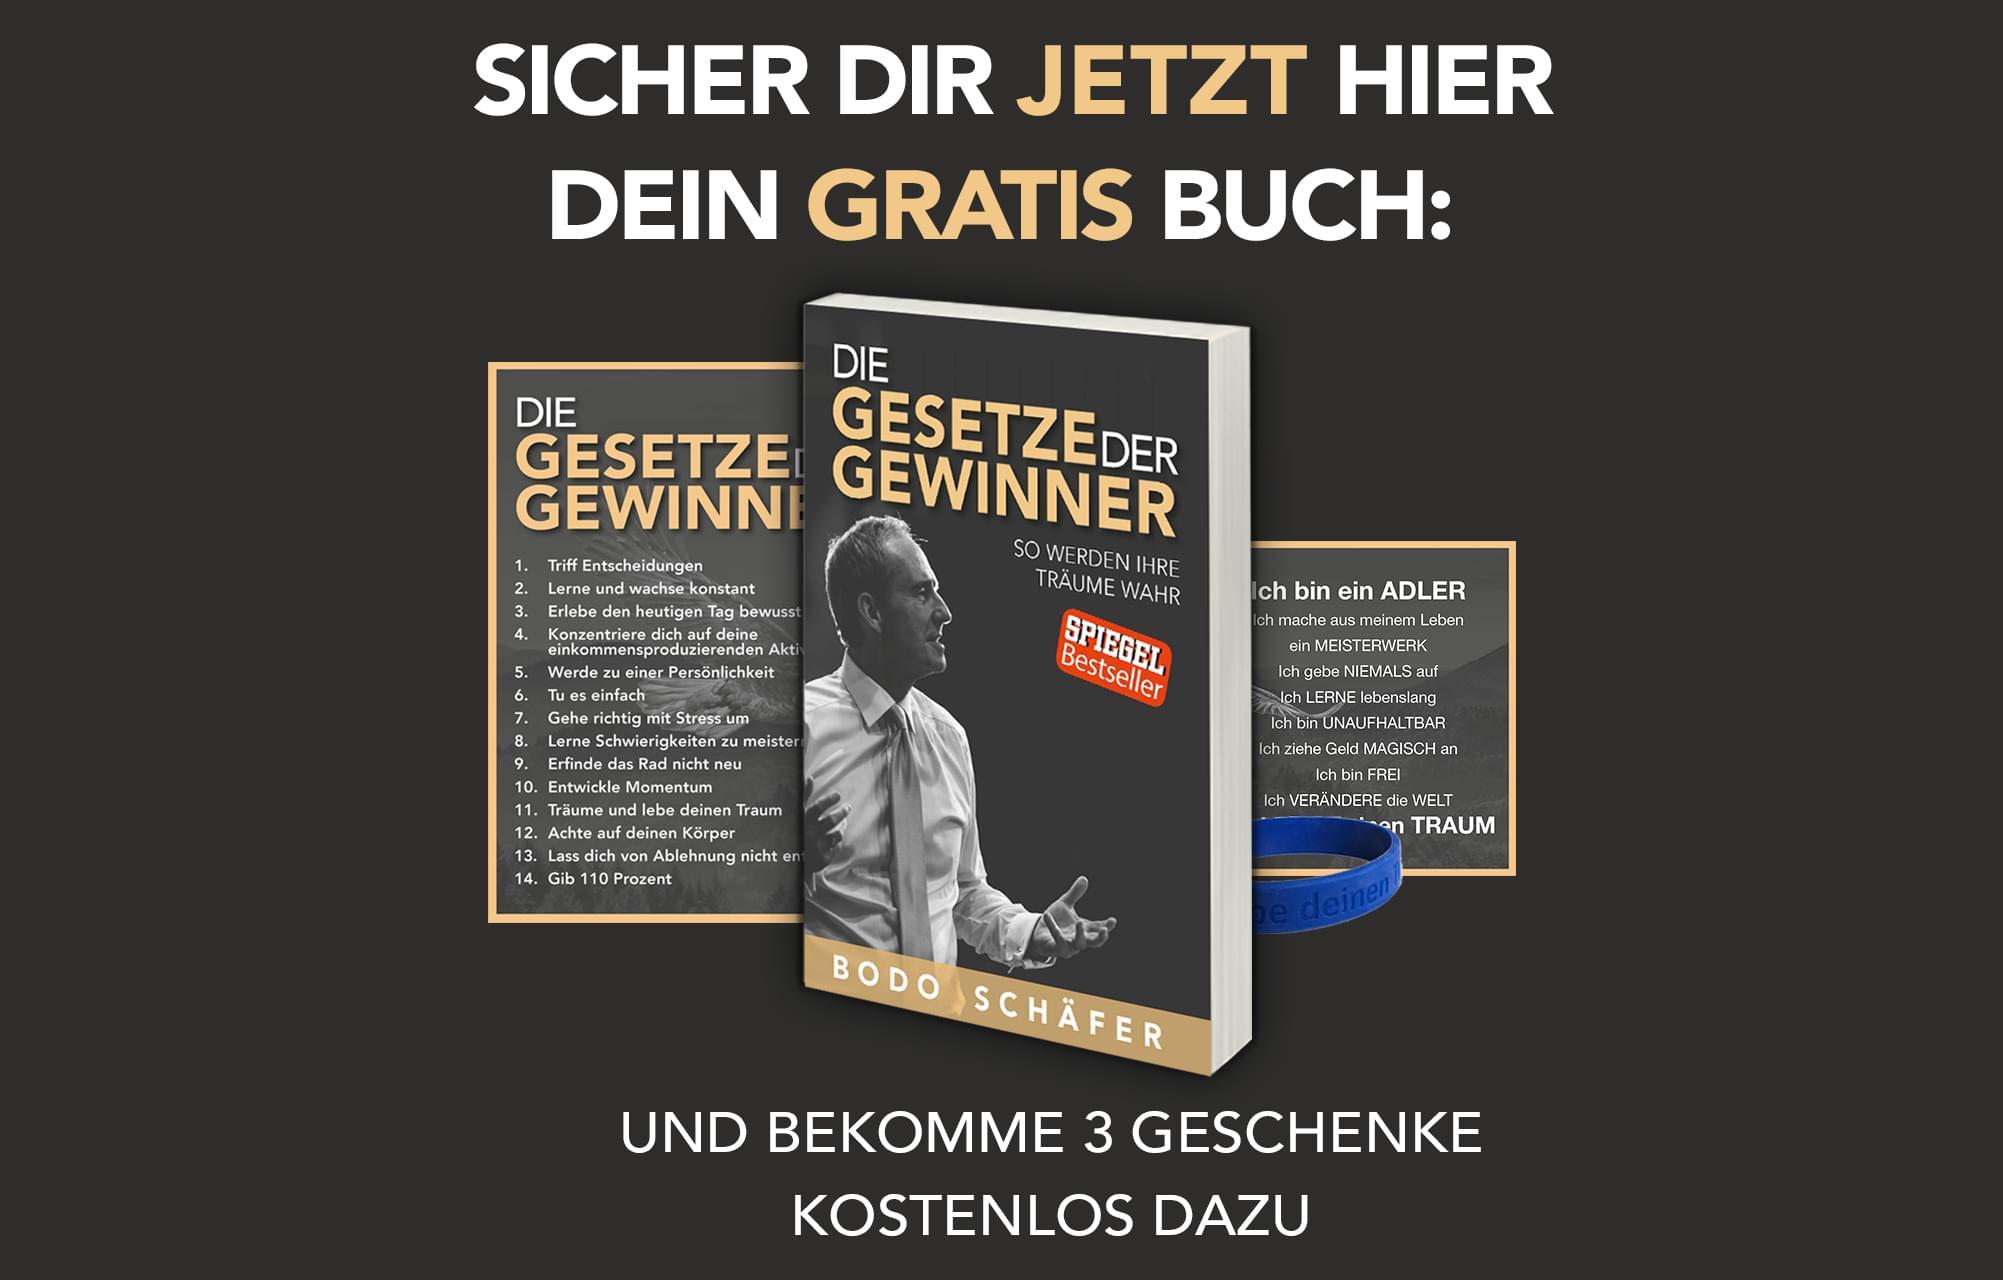 Die Gesetze der Gewinner – Bücher – Produkte – Bodo Schäfer. Buchempfehlung: Die Gesetze der Gewinner